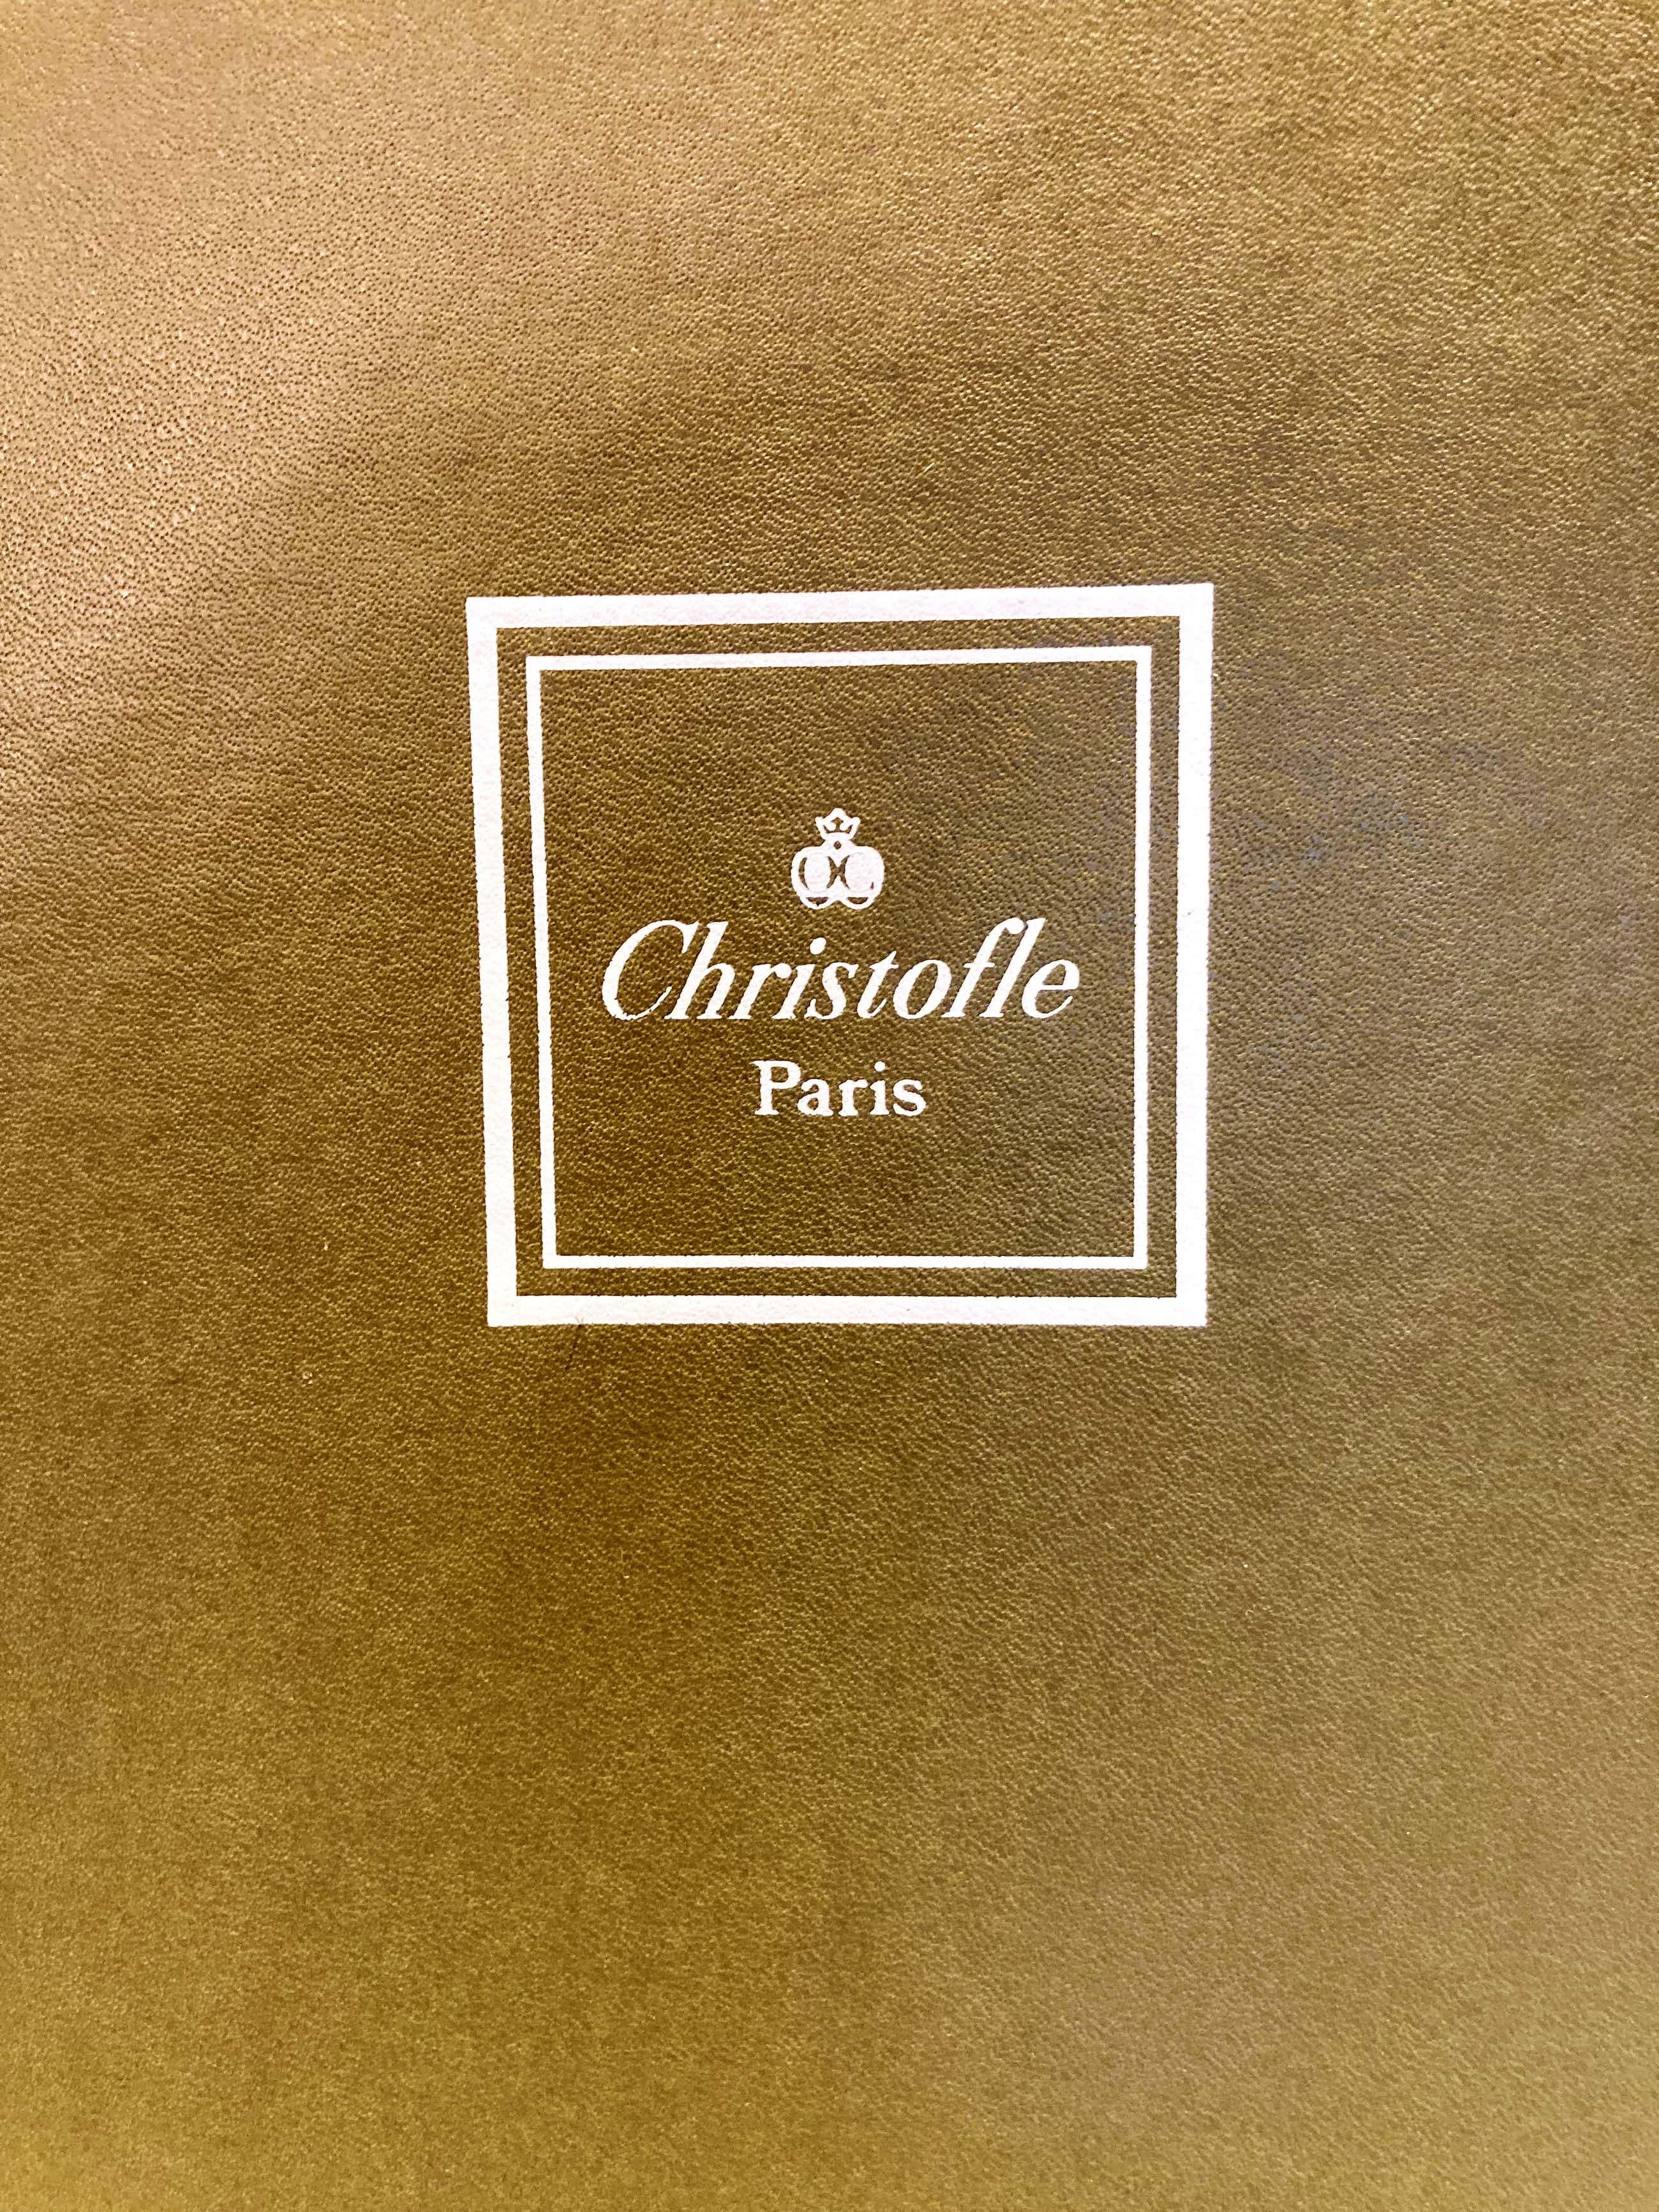 Maison Christofle - 6 assiettes de présentation en porcelaine gris marbre Spécial Lave-vaisselle kopen? Bied vanaf 200!